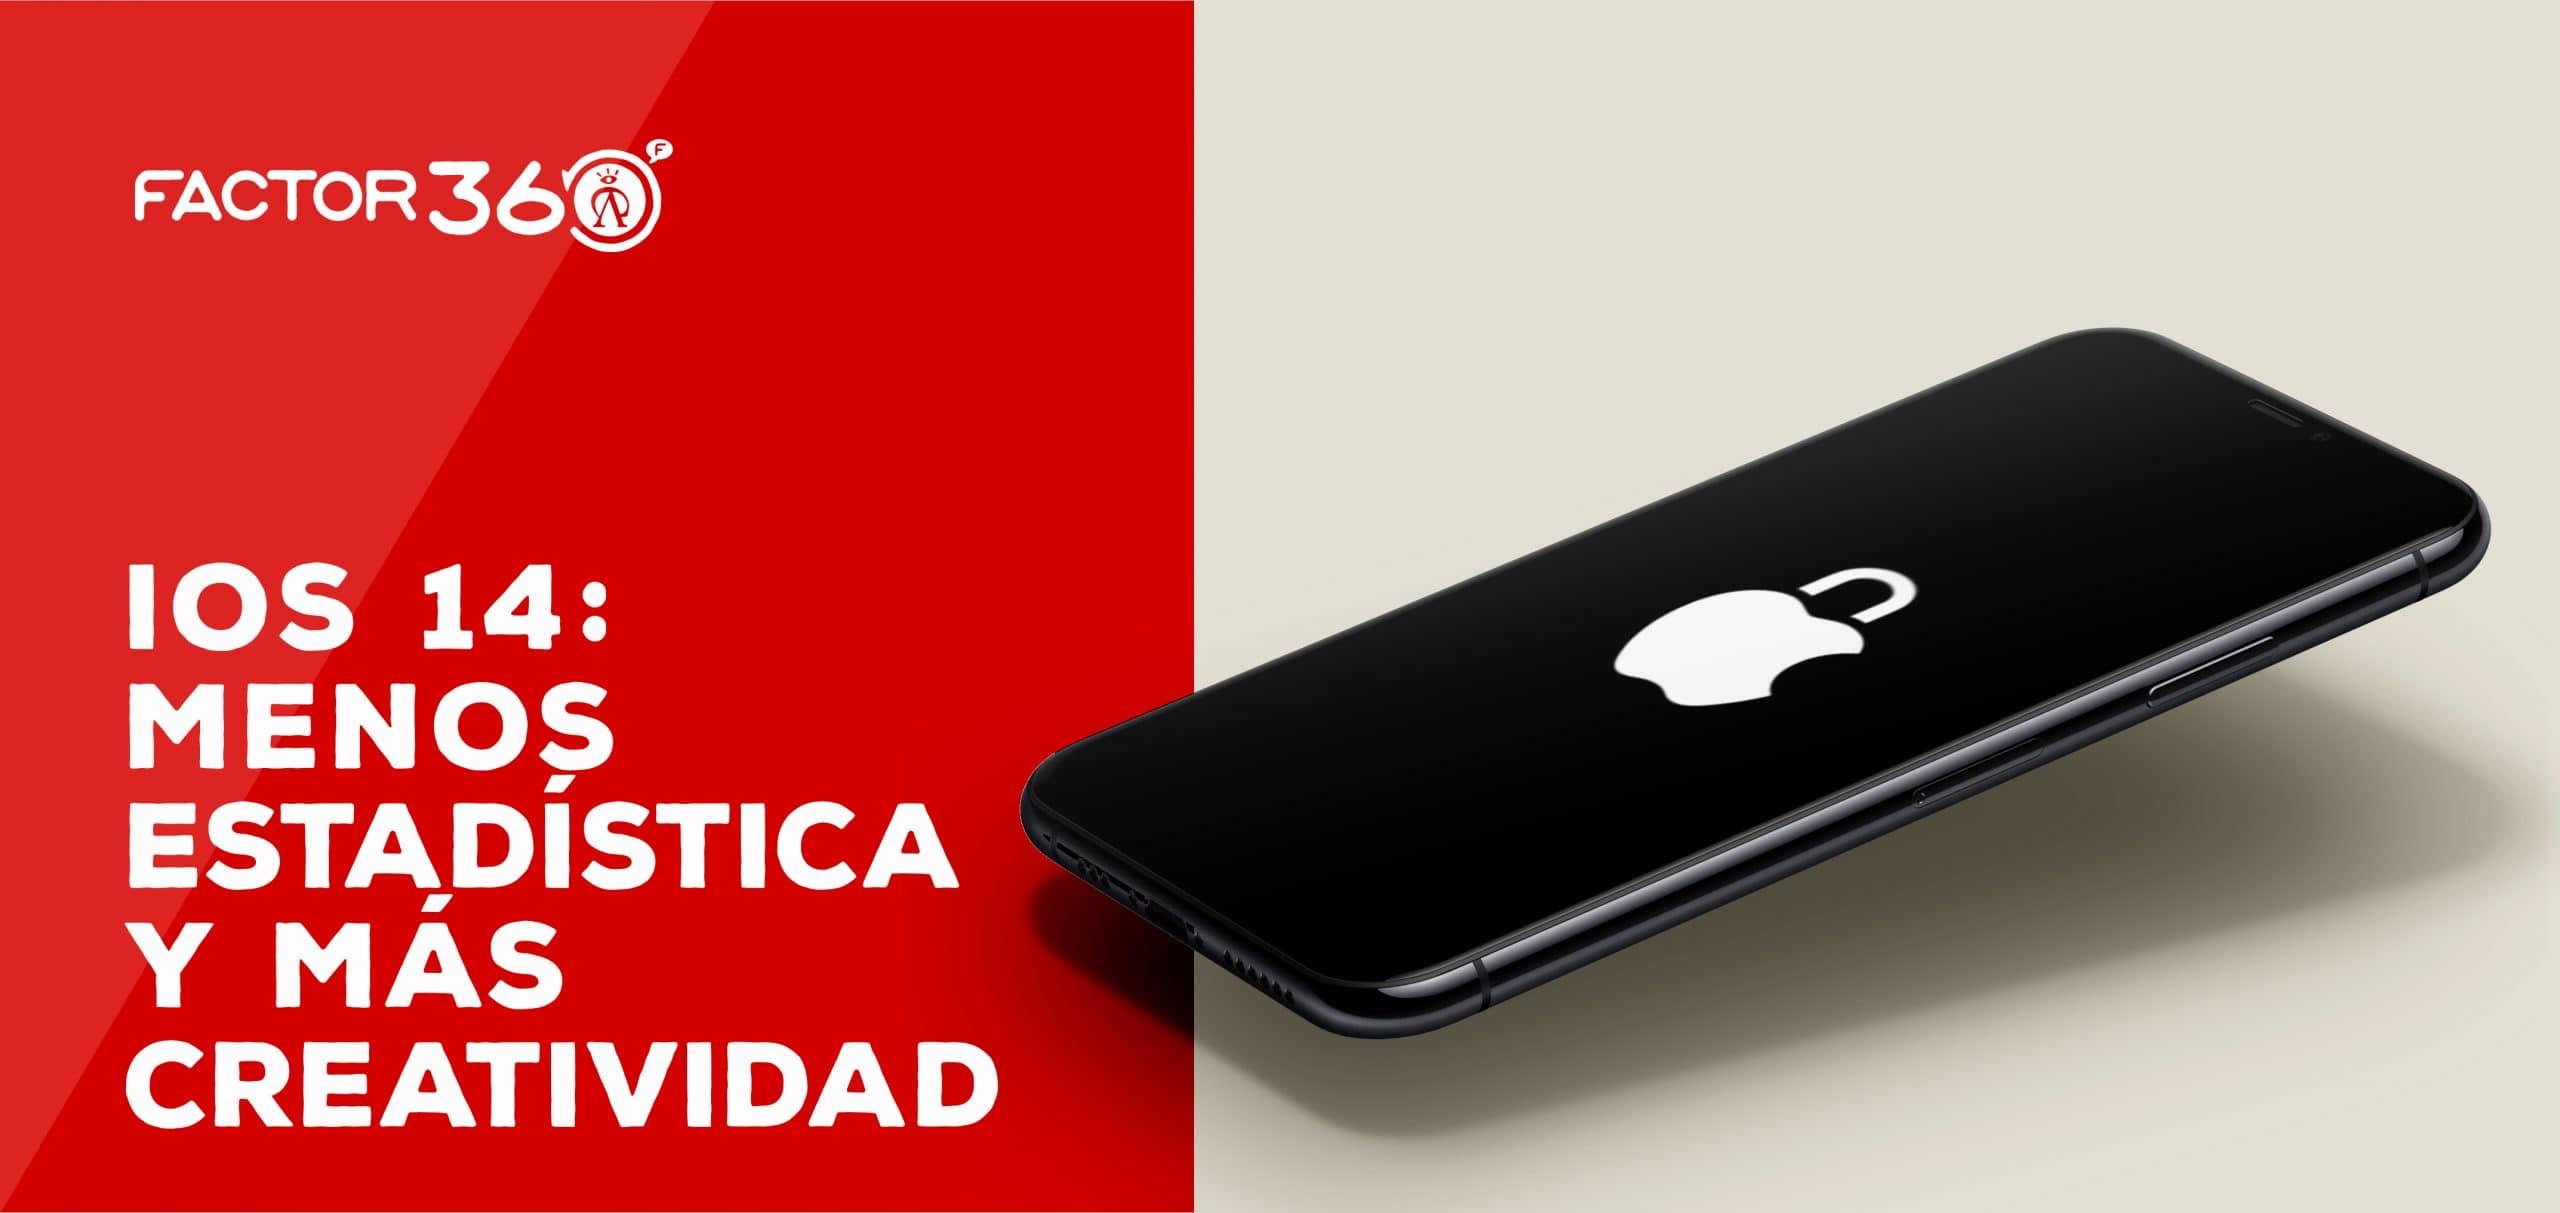 iOS 14: La nueva política de privacidad que revolucionará el mundo digital